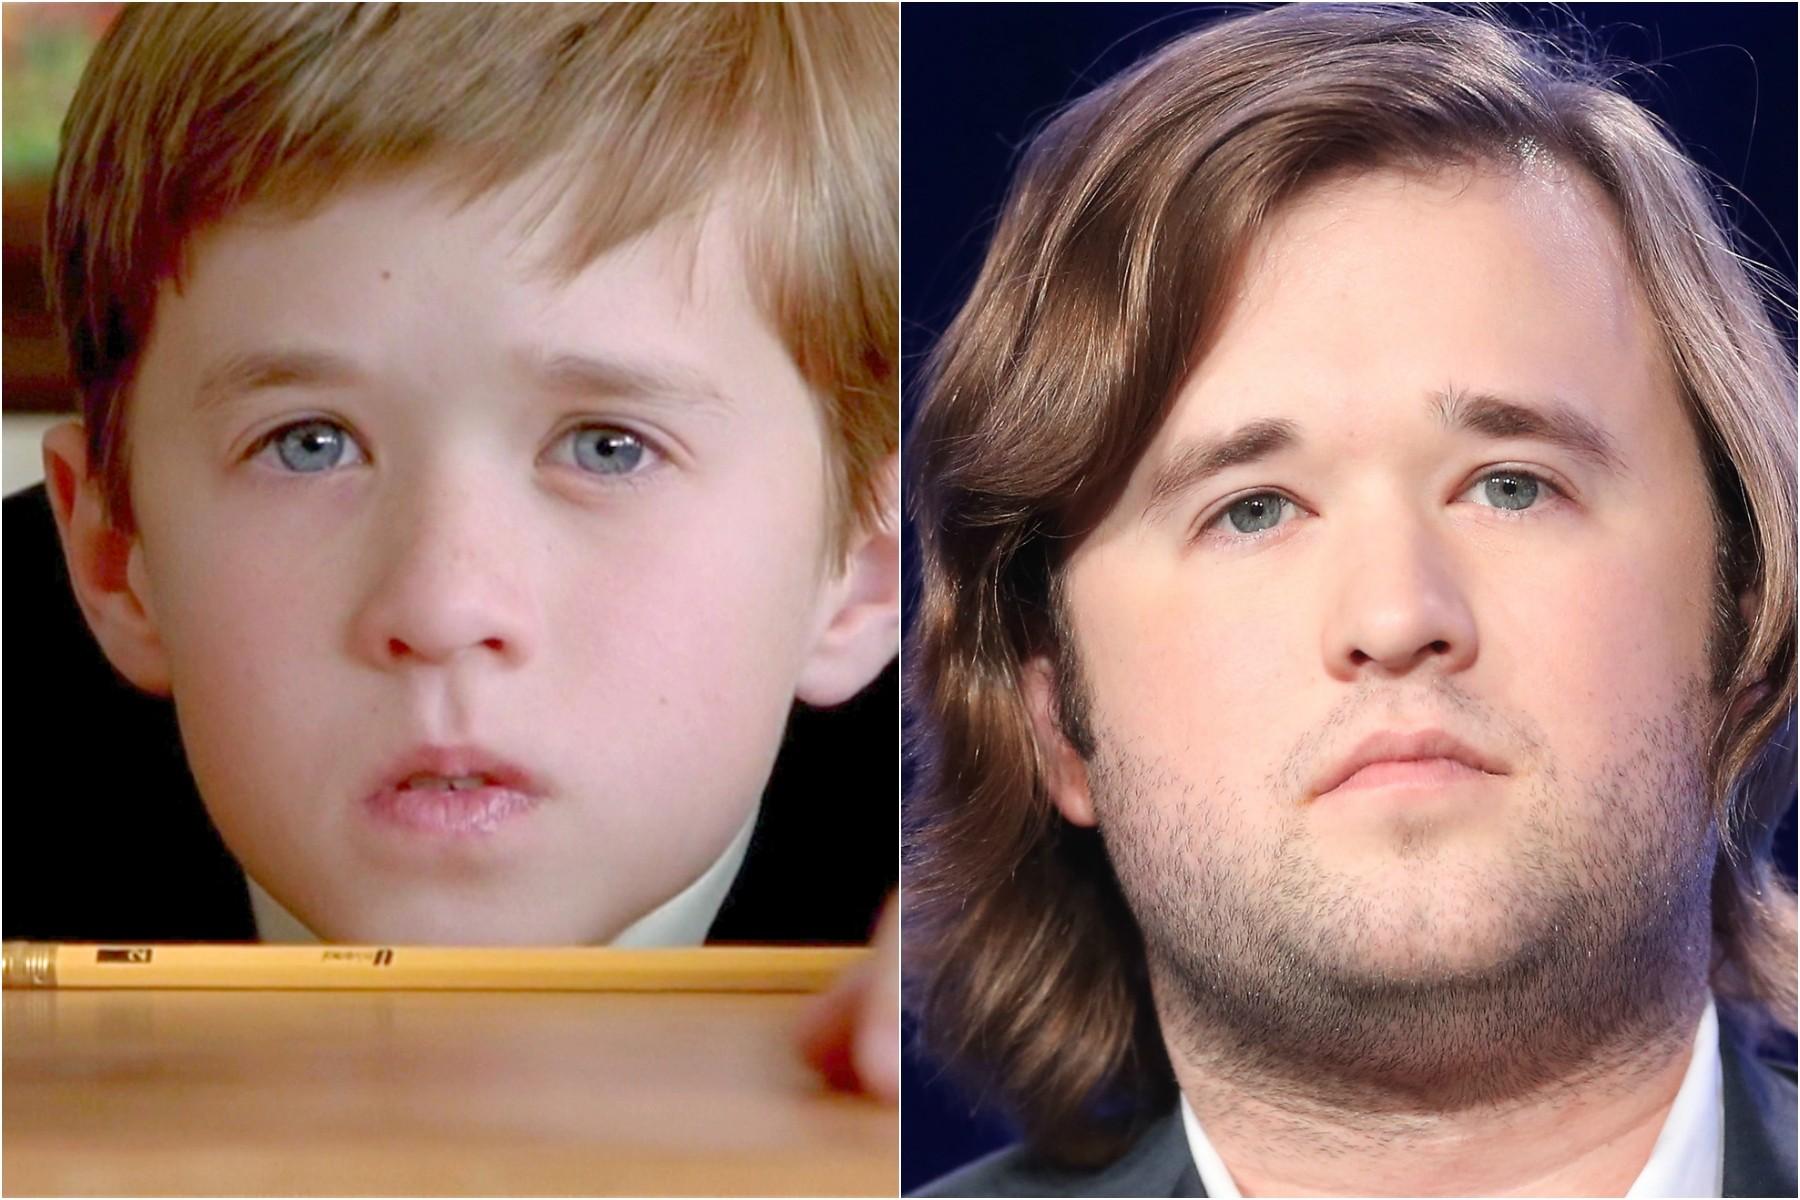 Haley Joel Osment aos 11 anos, em 'O Sexto Sentido' (1999), e hoje, com 26. (Foto: Divulgação e Getty Images)